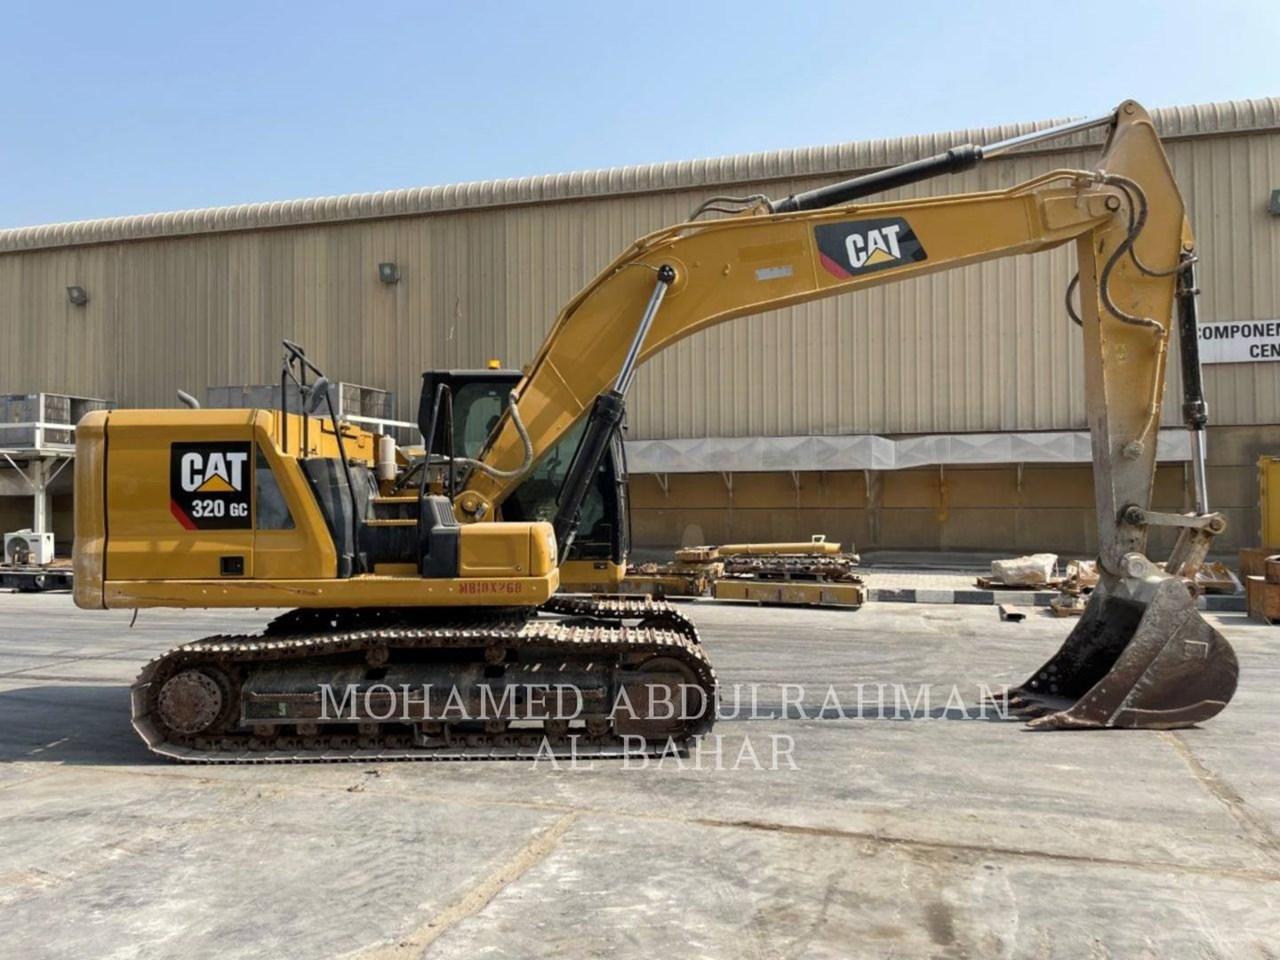 2019 Caterpillar 320-07GC Image 6